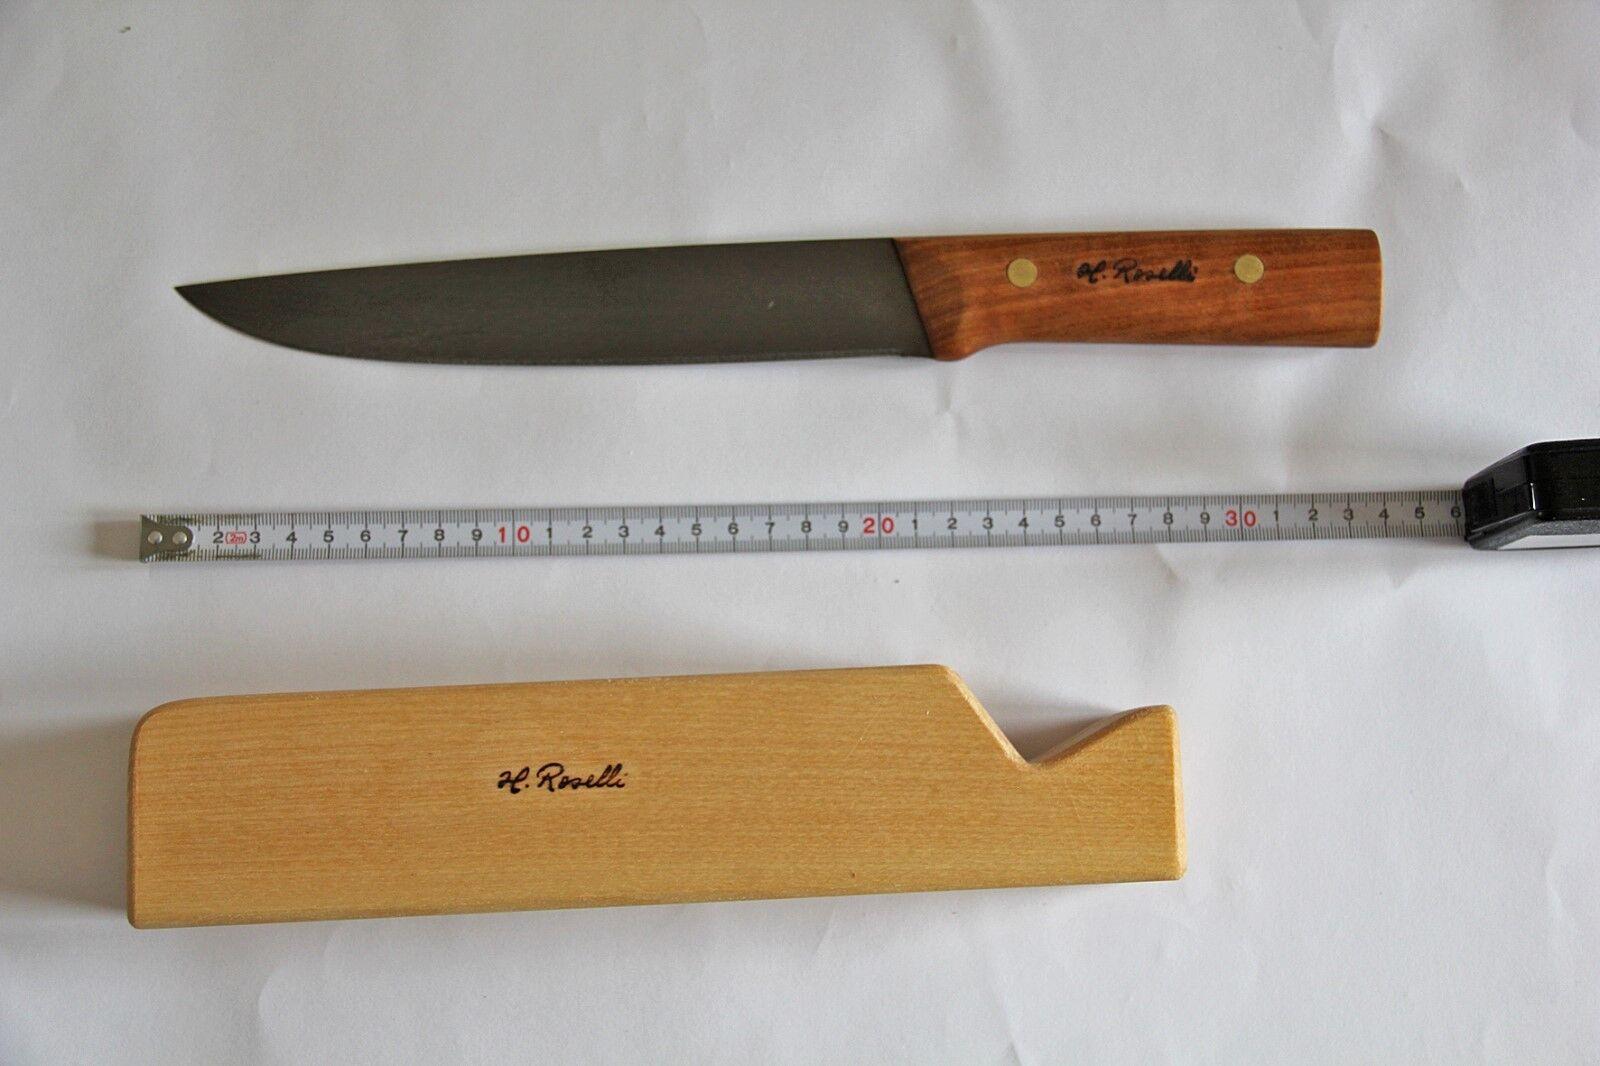 Roselli, Astrid, UHC couteau de cuisine viande couteau, r756 Finlande nouveau Inutilisé